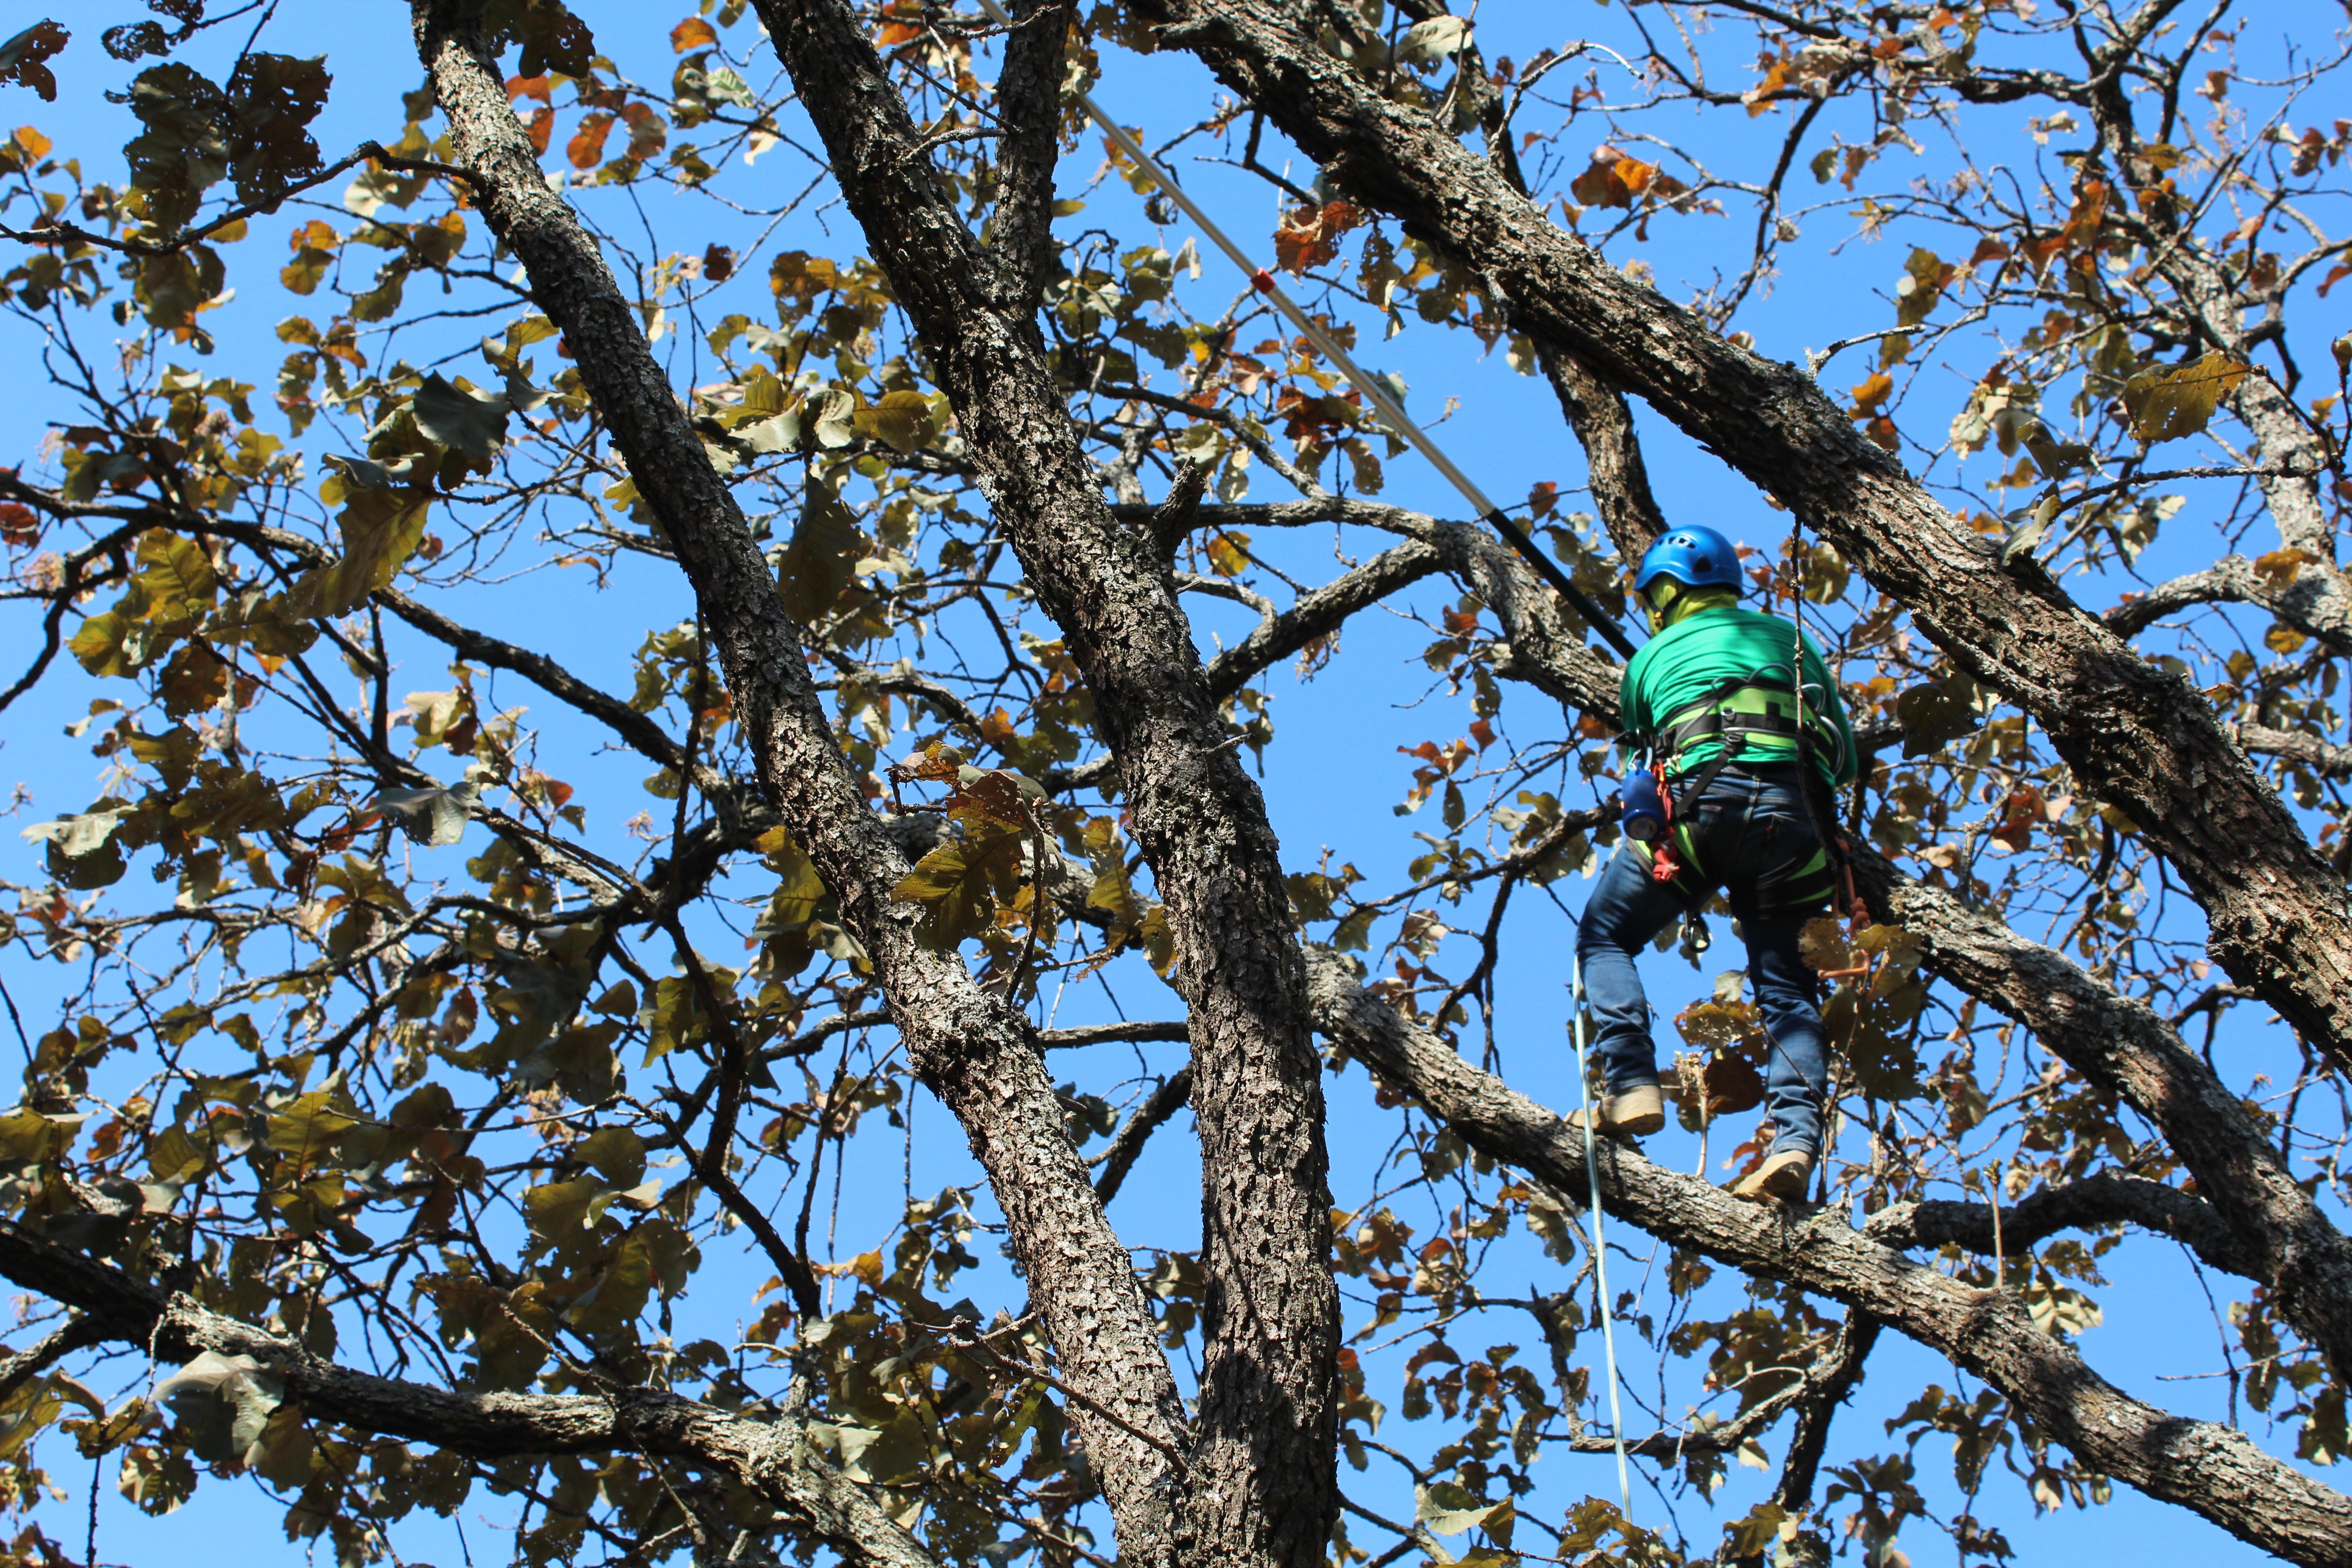 Se realiza saneamiento forestal en el ANP Bosque La Primavera